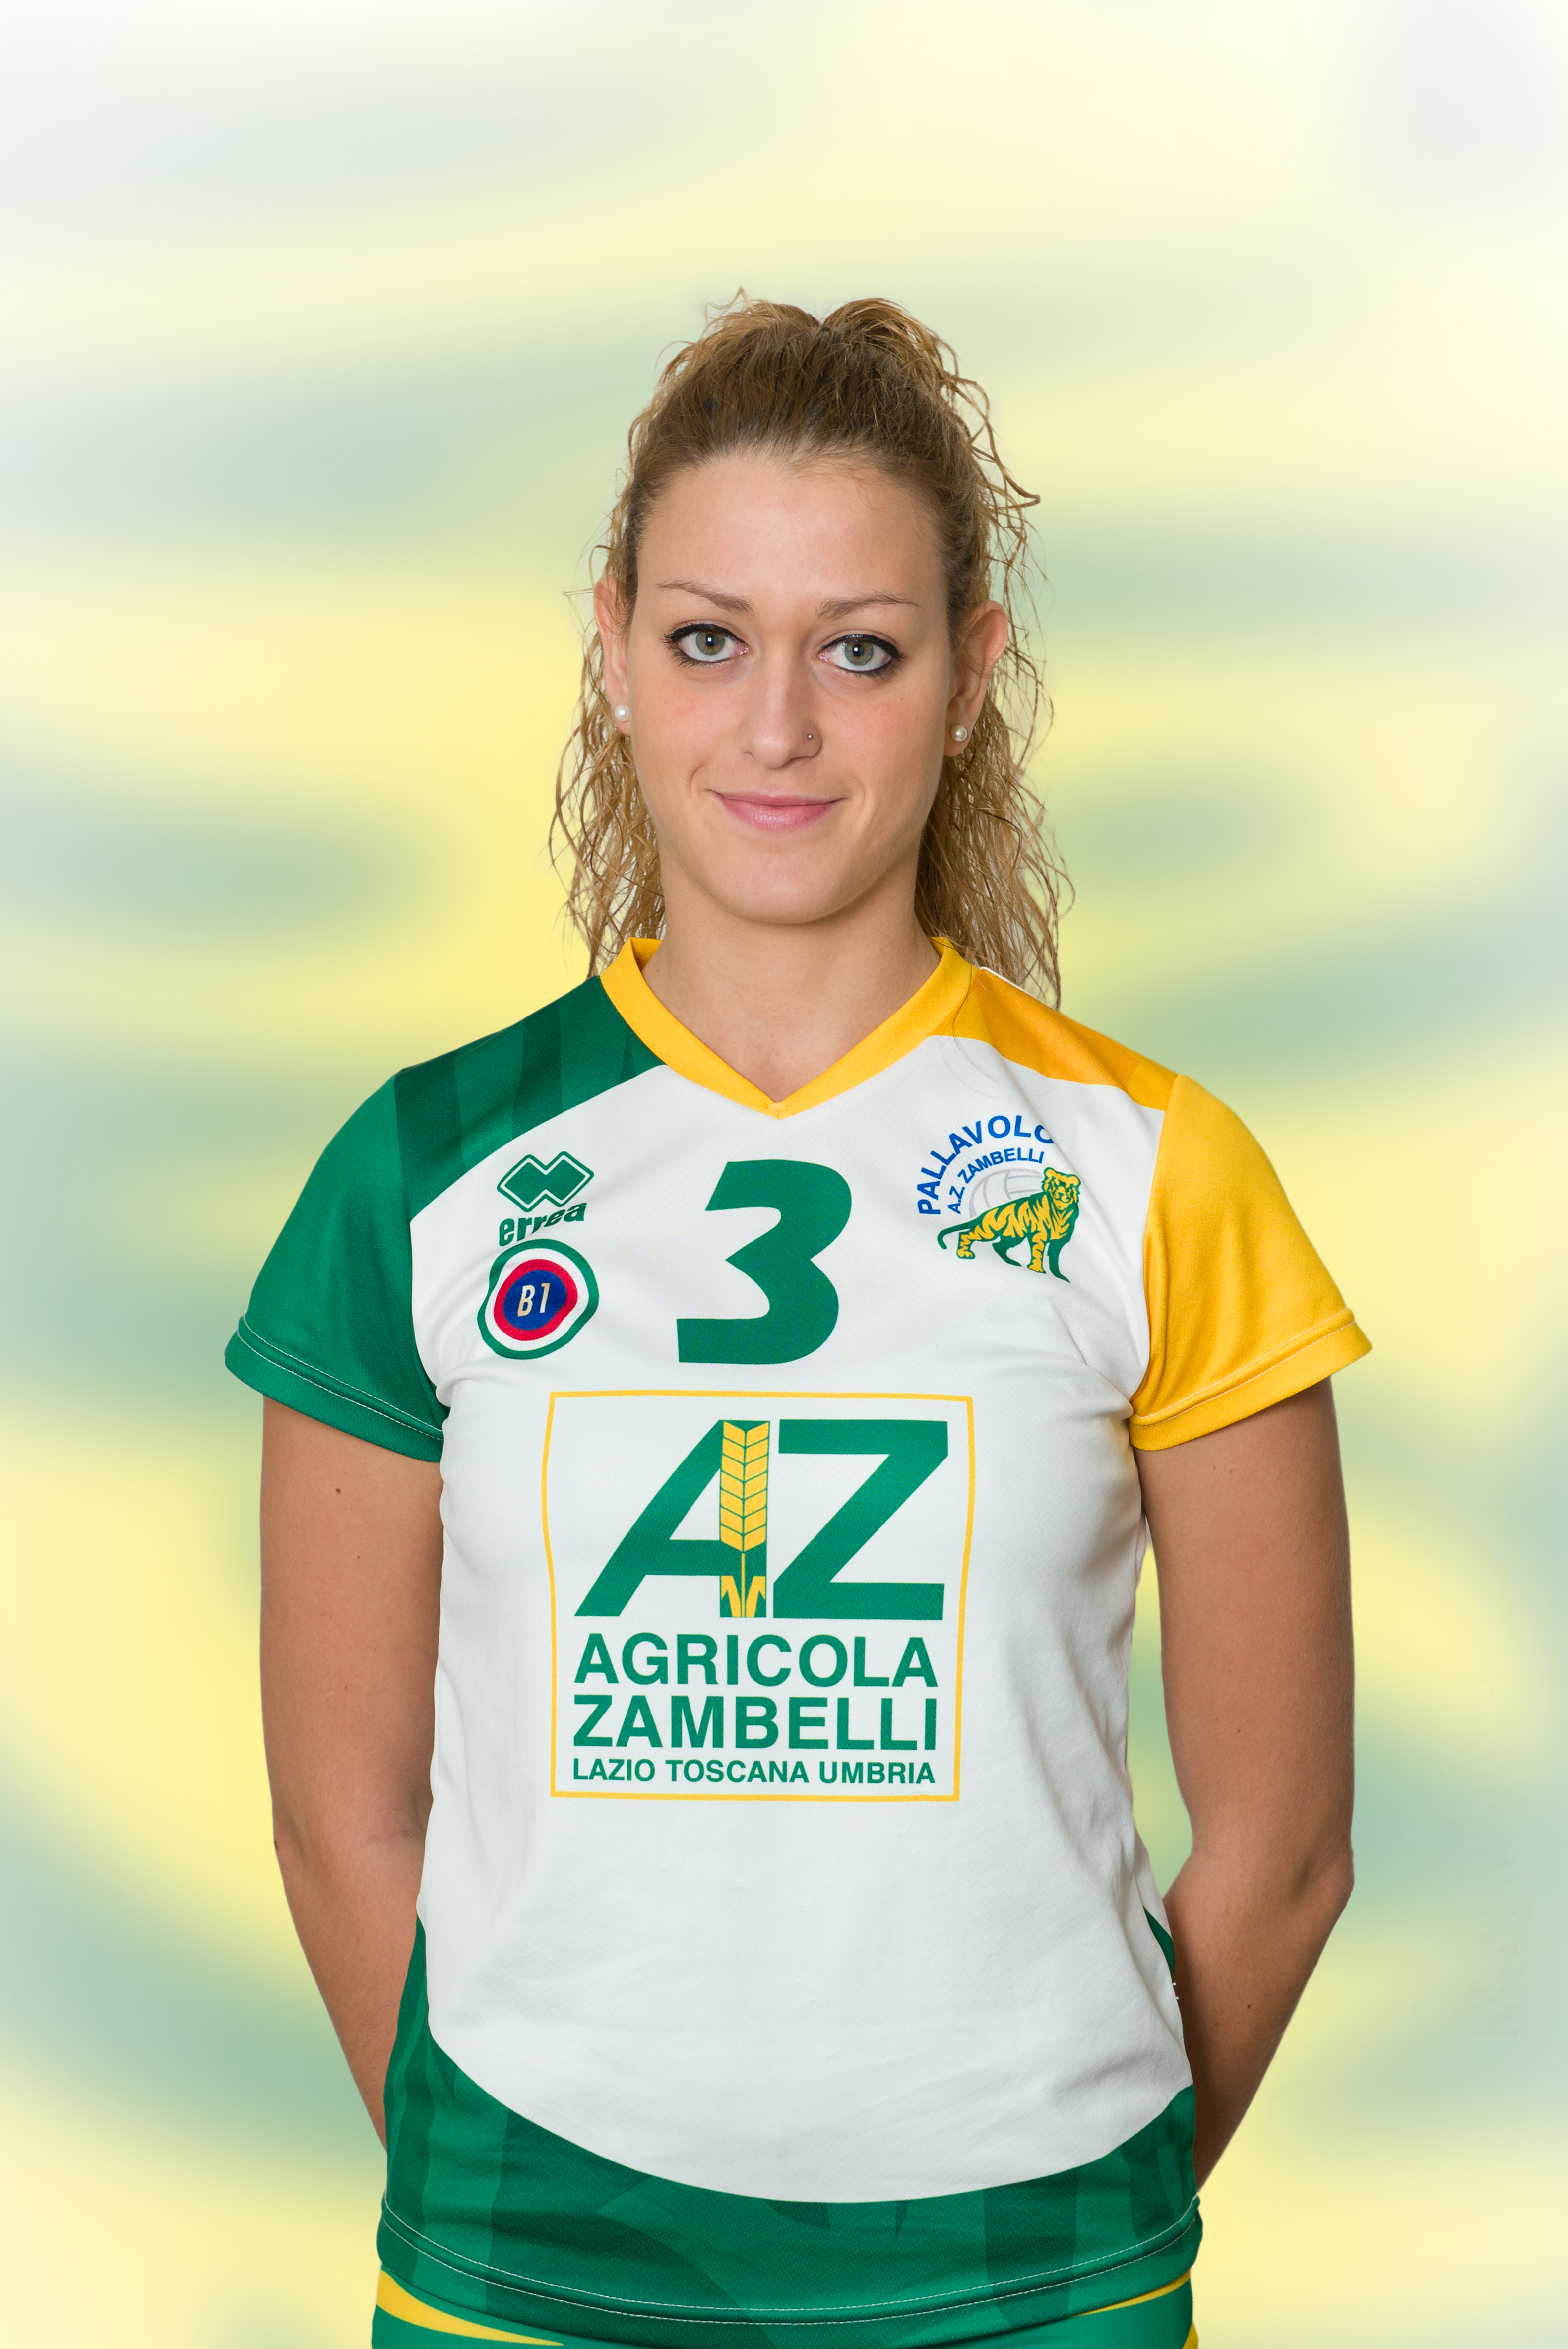 [03] Martina TIBERI | Centrale | 1991 | AZ Zambelli ORVIETO • Campionato Pallavolo Femminile Serie B1 2015/16